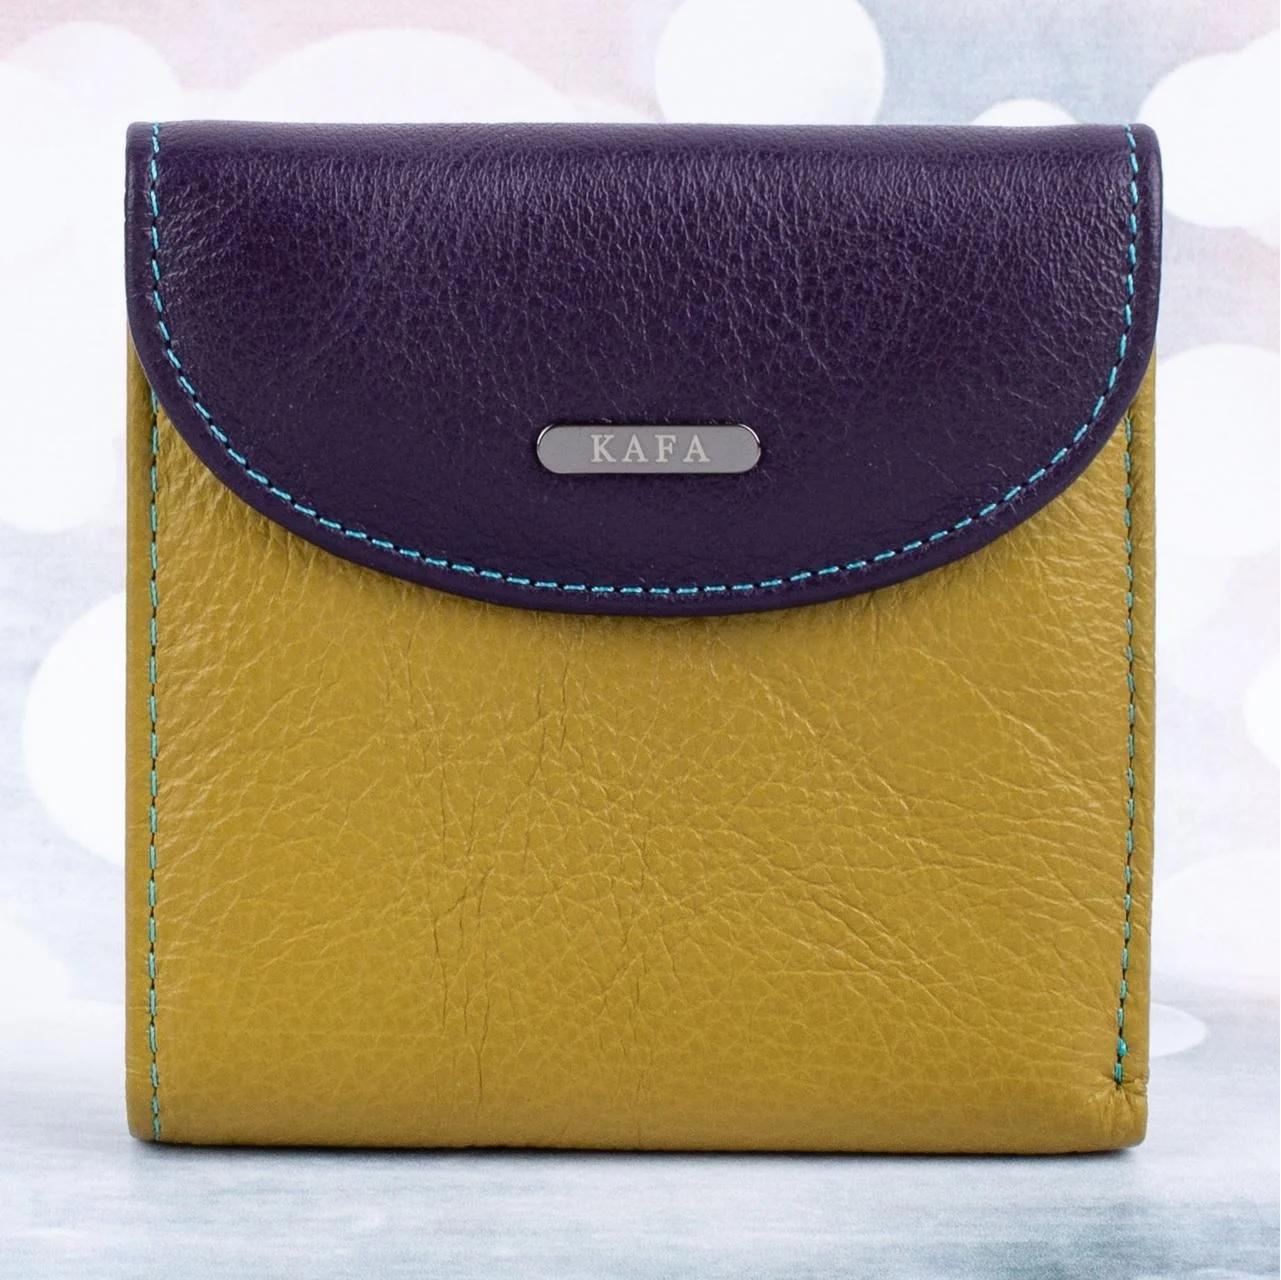 Современный кошелёк «KAFA» из мягкой натуральной кожи ярких цветов купить. Цена 645 грн